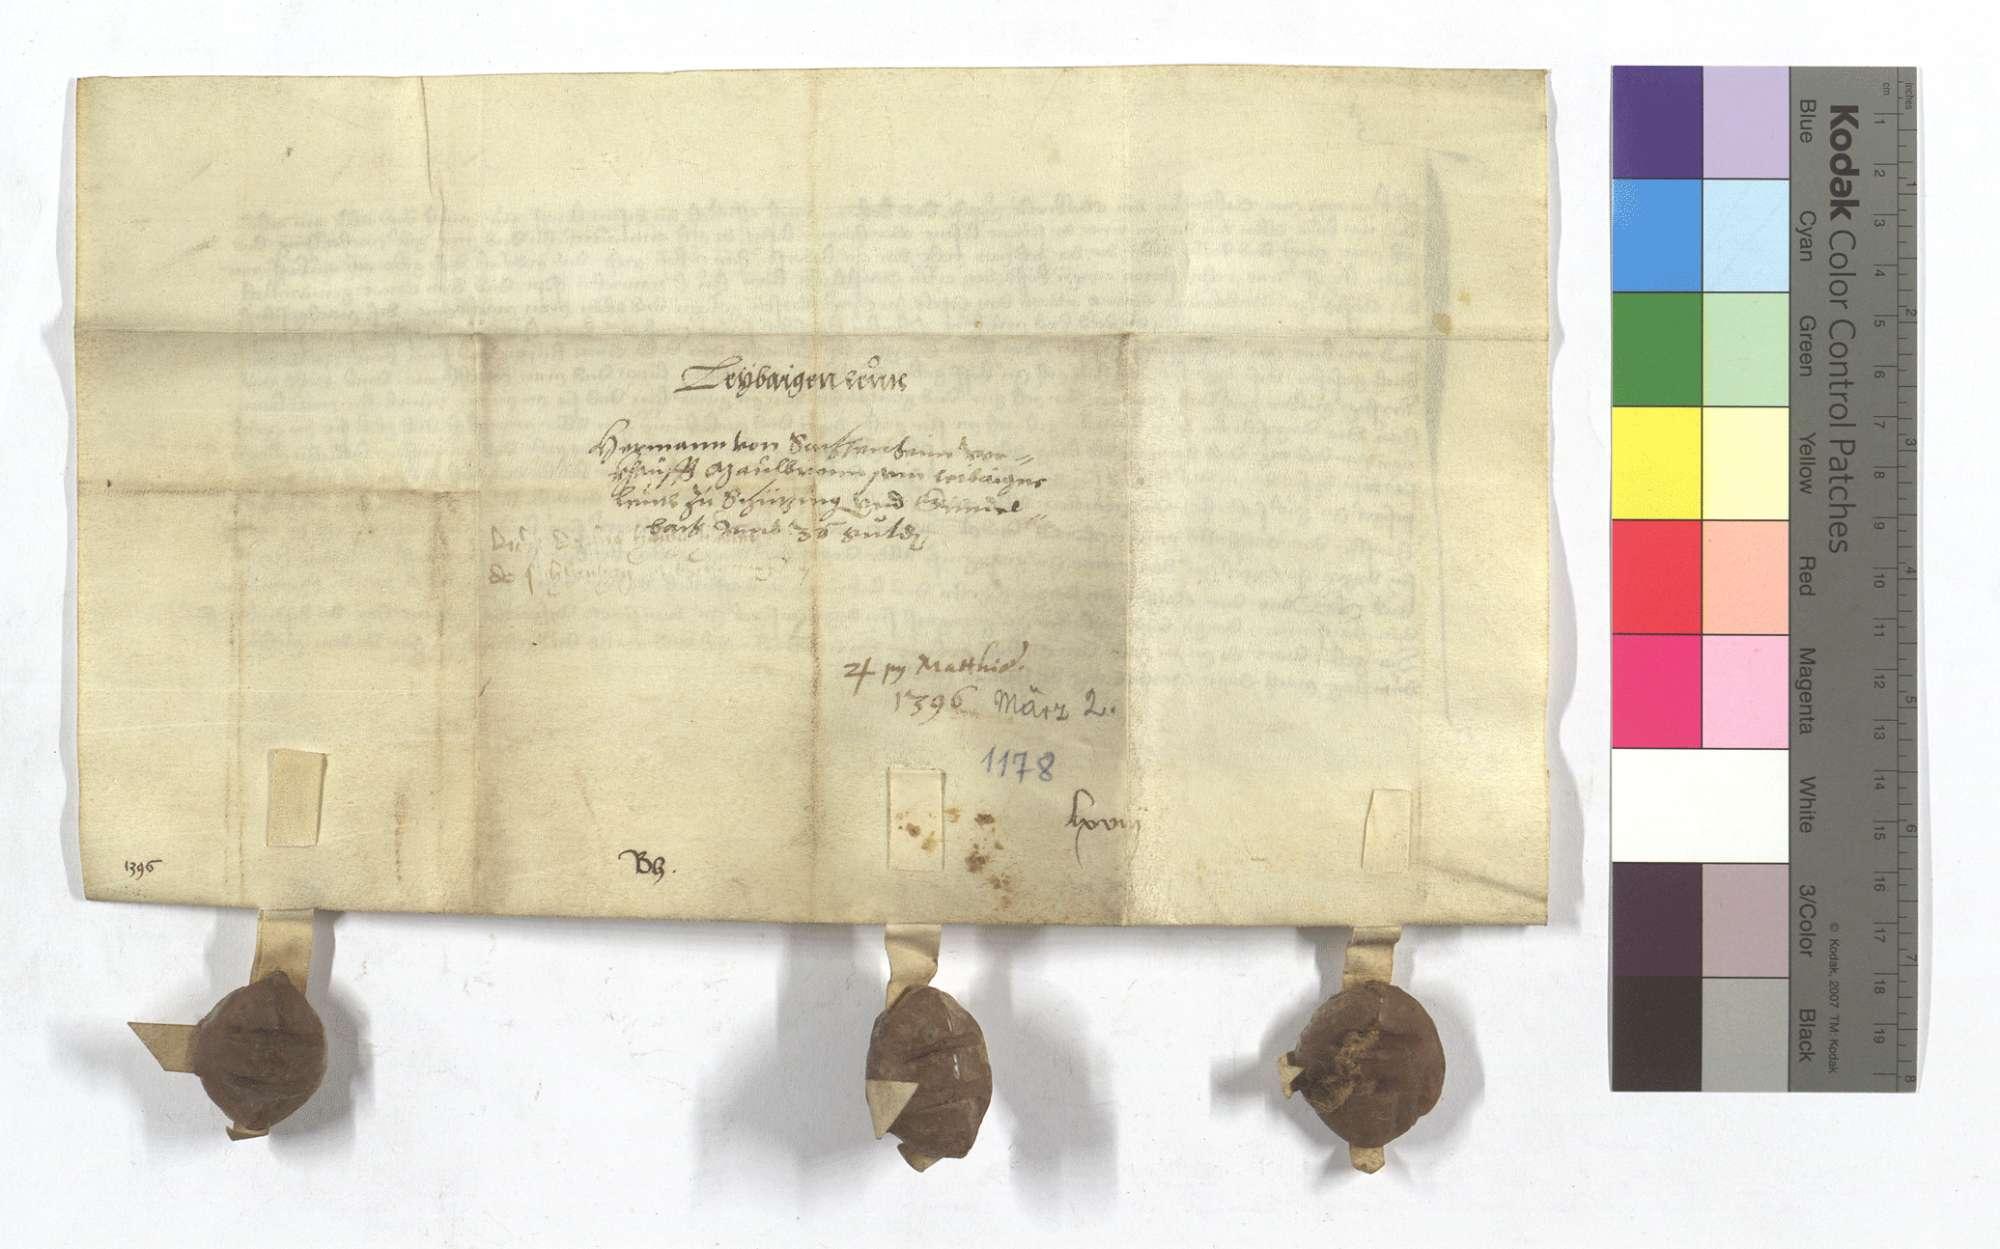 Fertigung des Hermann von Sachsenheim um seine Leibeigenen in Schützingen (Schüzingen) und Gündelbach., Rückseite